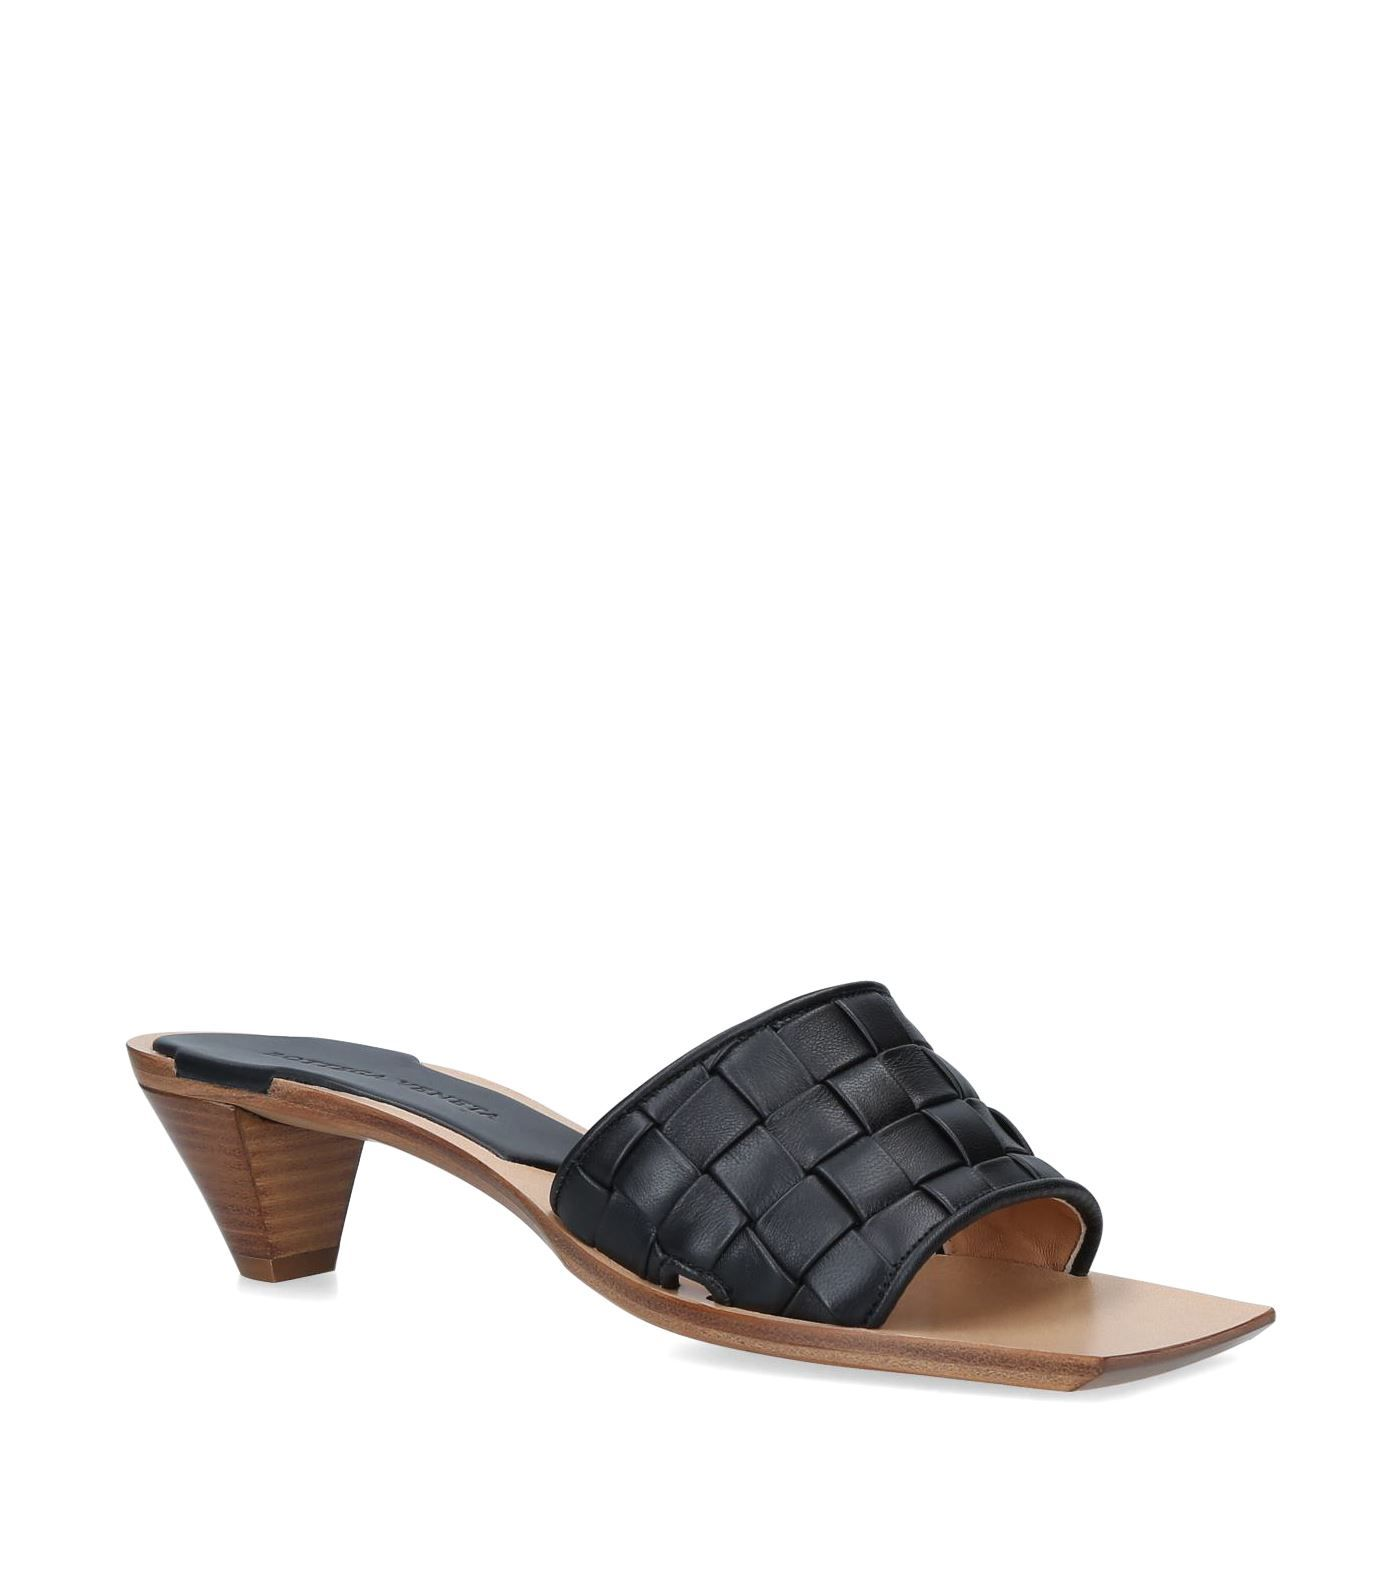 Women S Woven Kitten Heel Slide Sandals In Black Leather Weaving